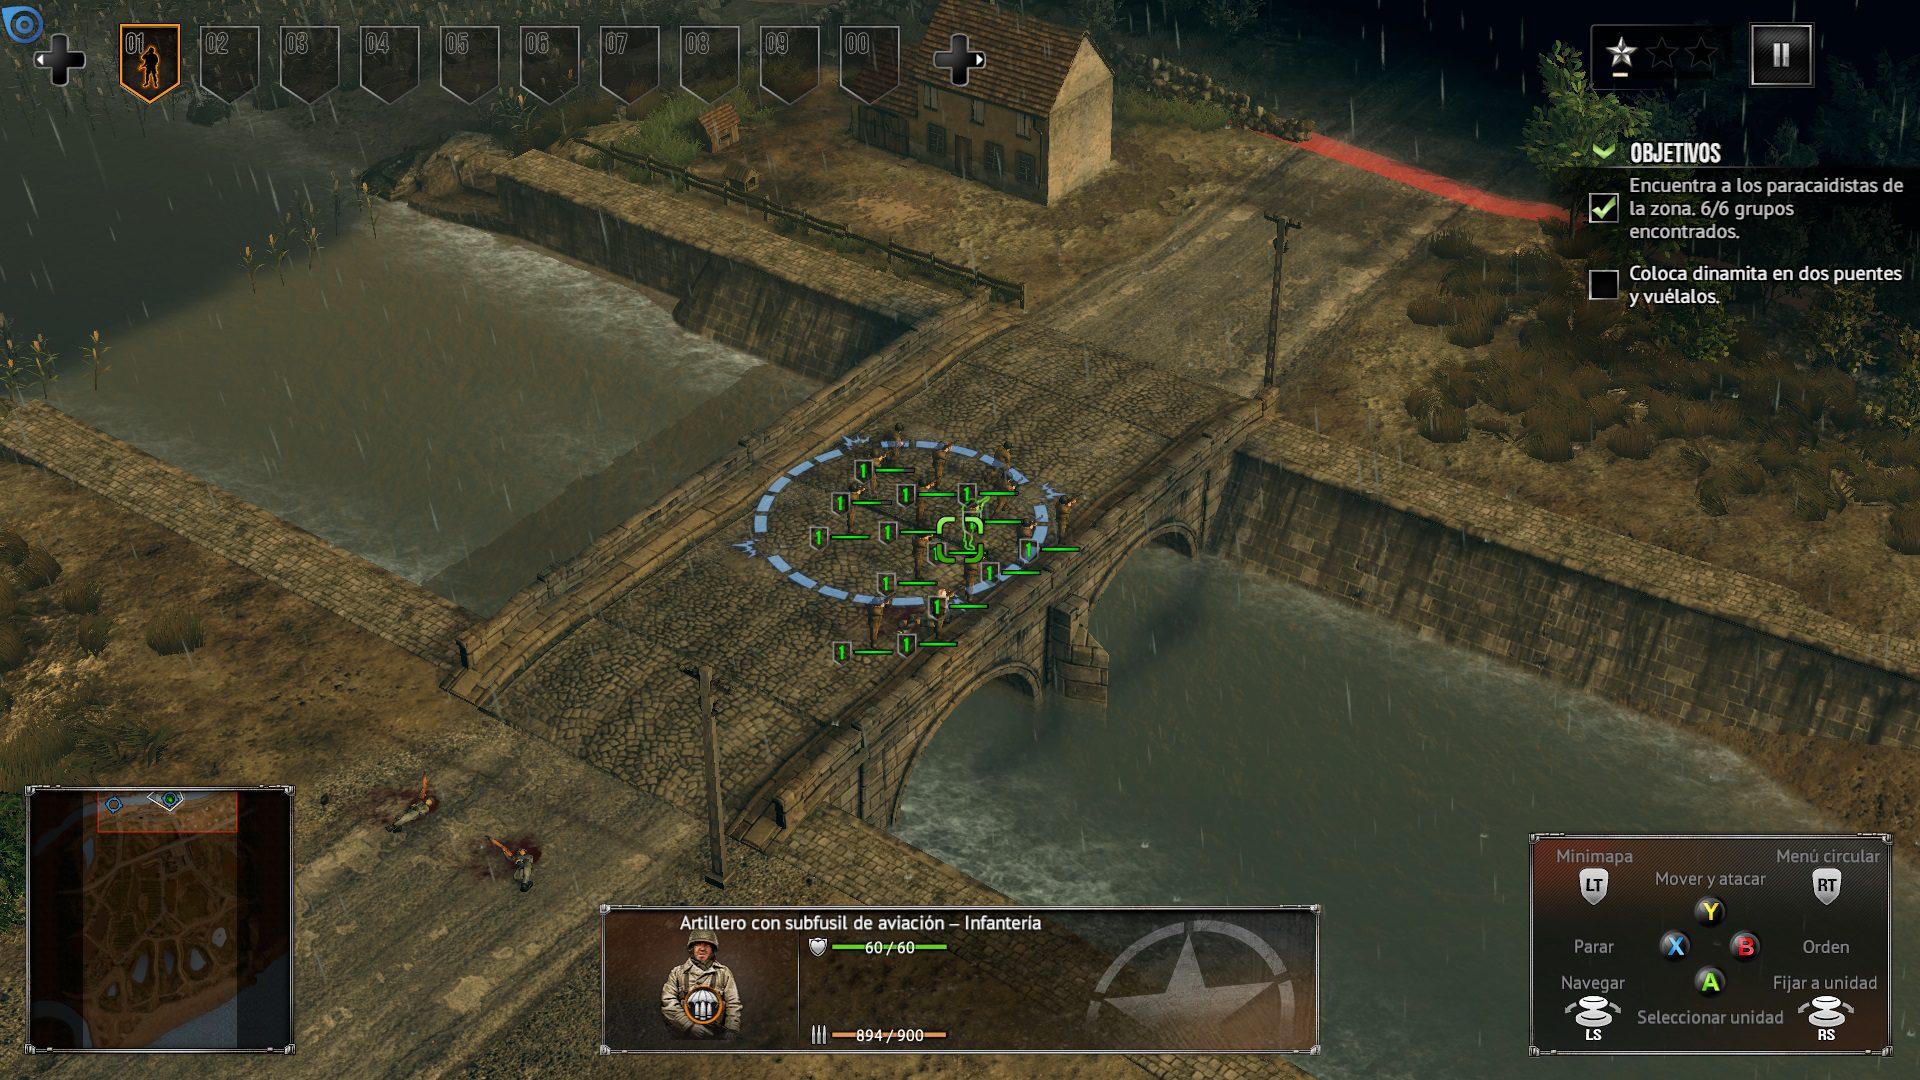 Análisis de Sudden Strike 4: European Battlefields Edition - Hoy analizamos Sudden Strike 4: European Battlefields Edition, el juego de estrategia en tiempo real situado en la Segunda Guerra Mundial